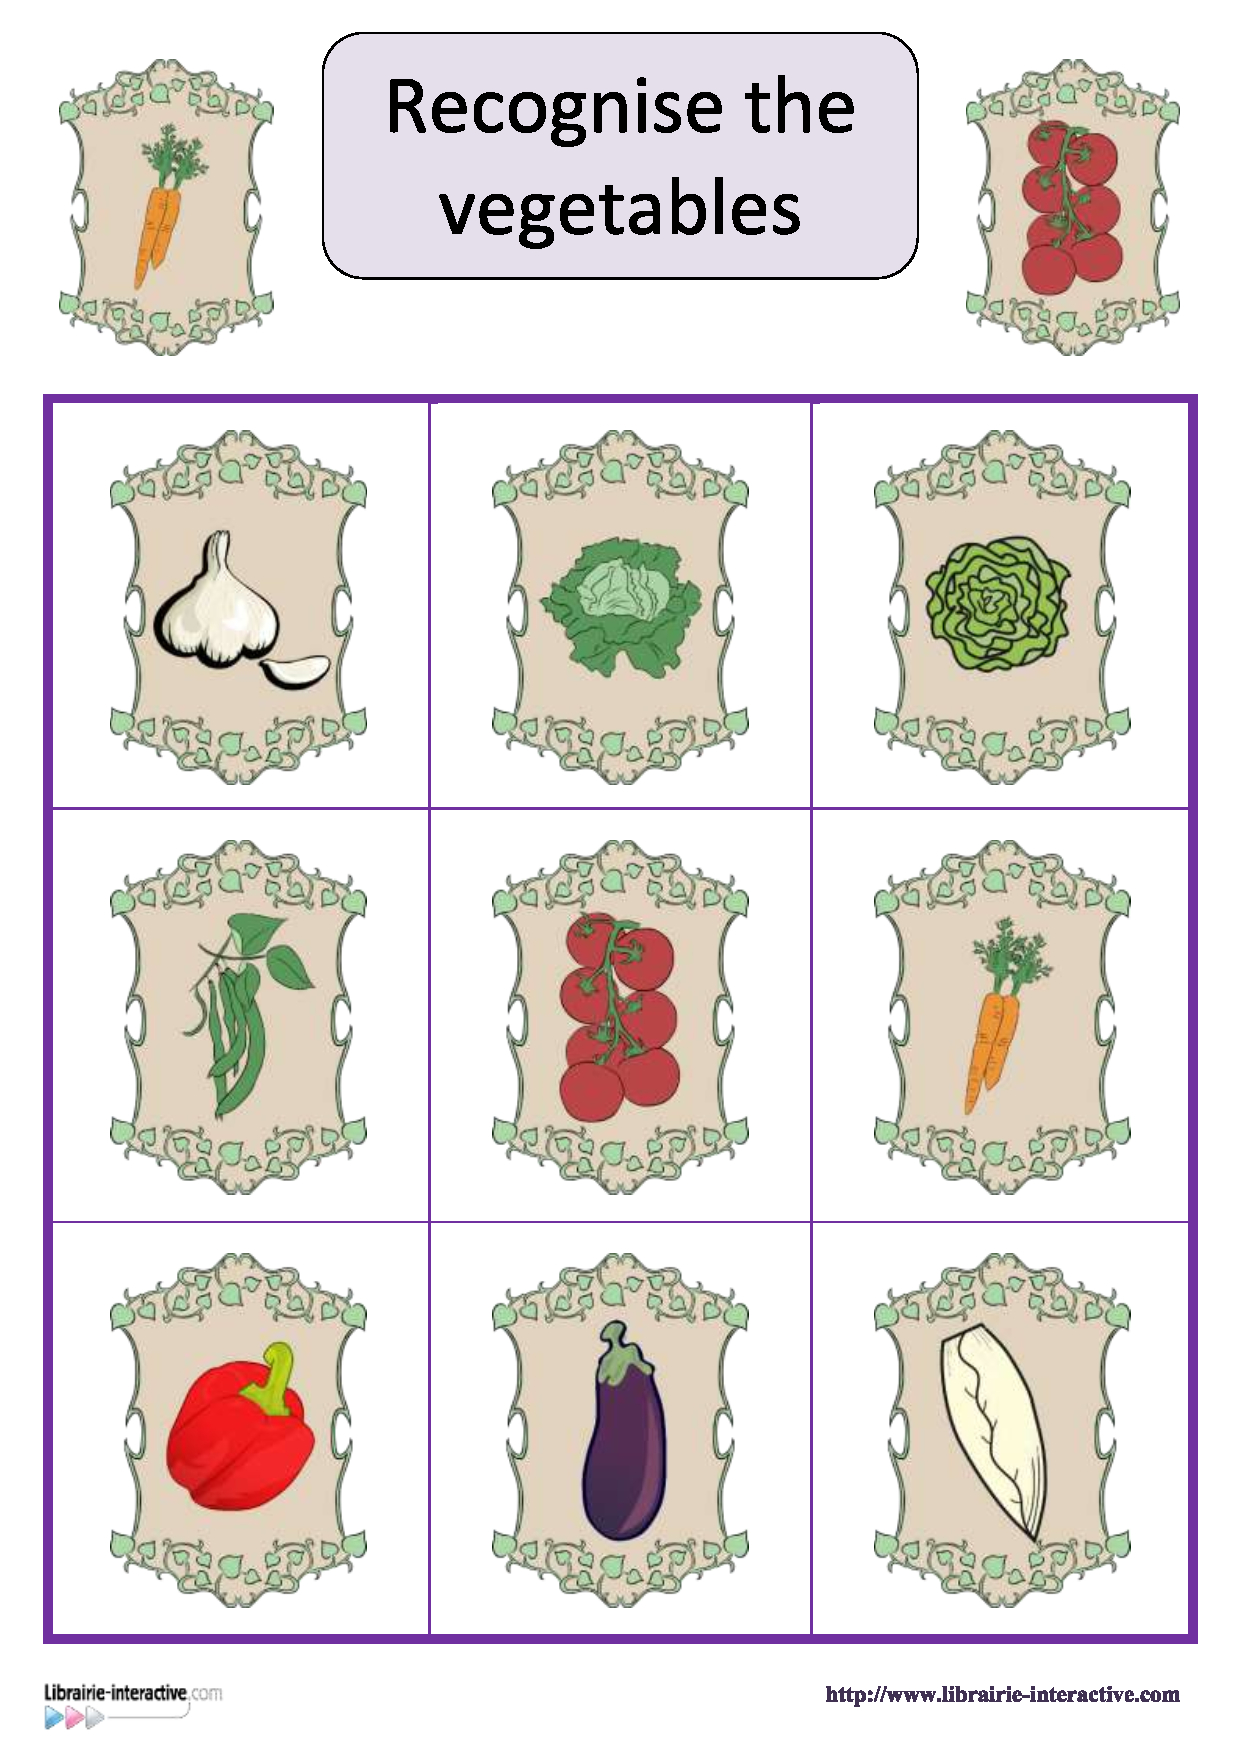 Un Jeu De Loto Pour Apprendre Le Nom Des Légumes En Anglais destiné Nom Legume